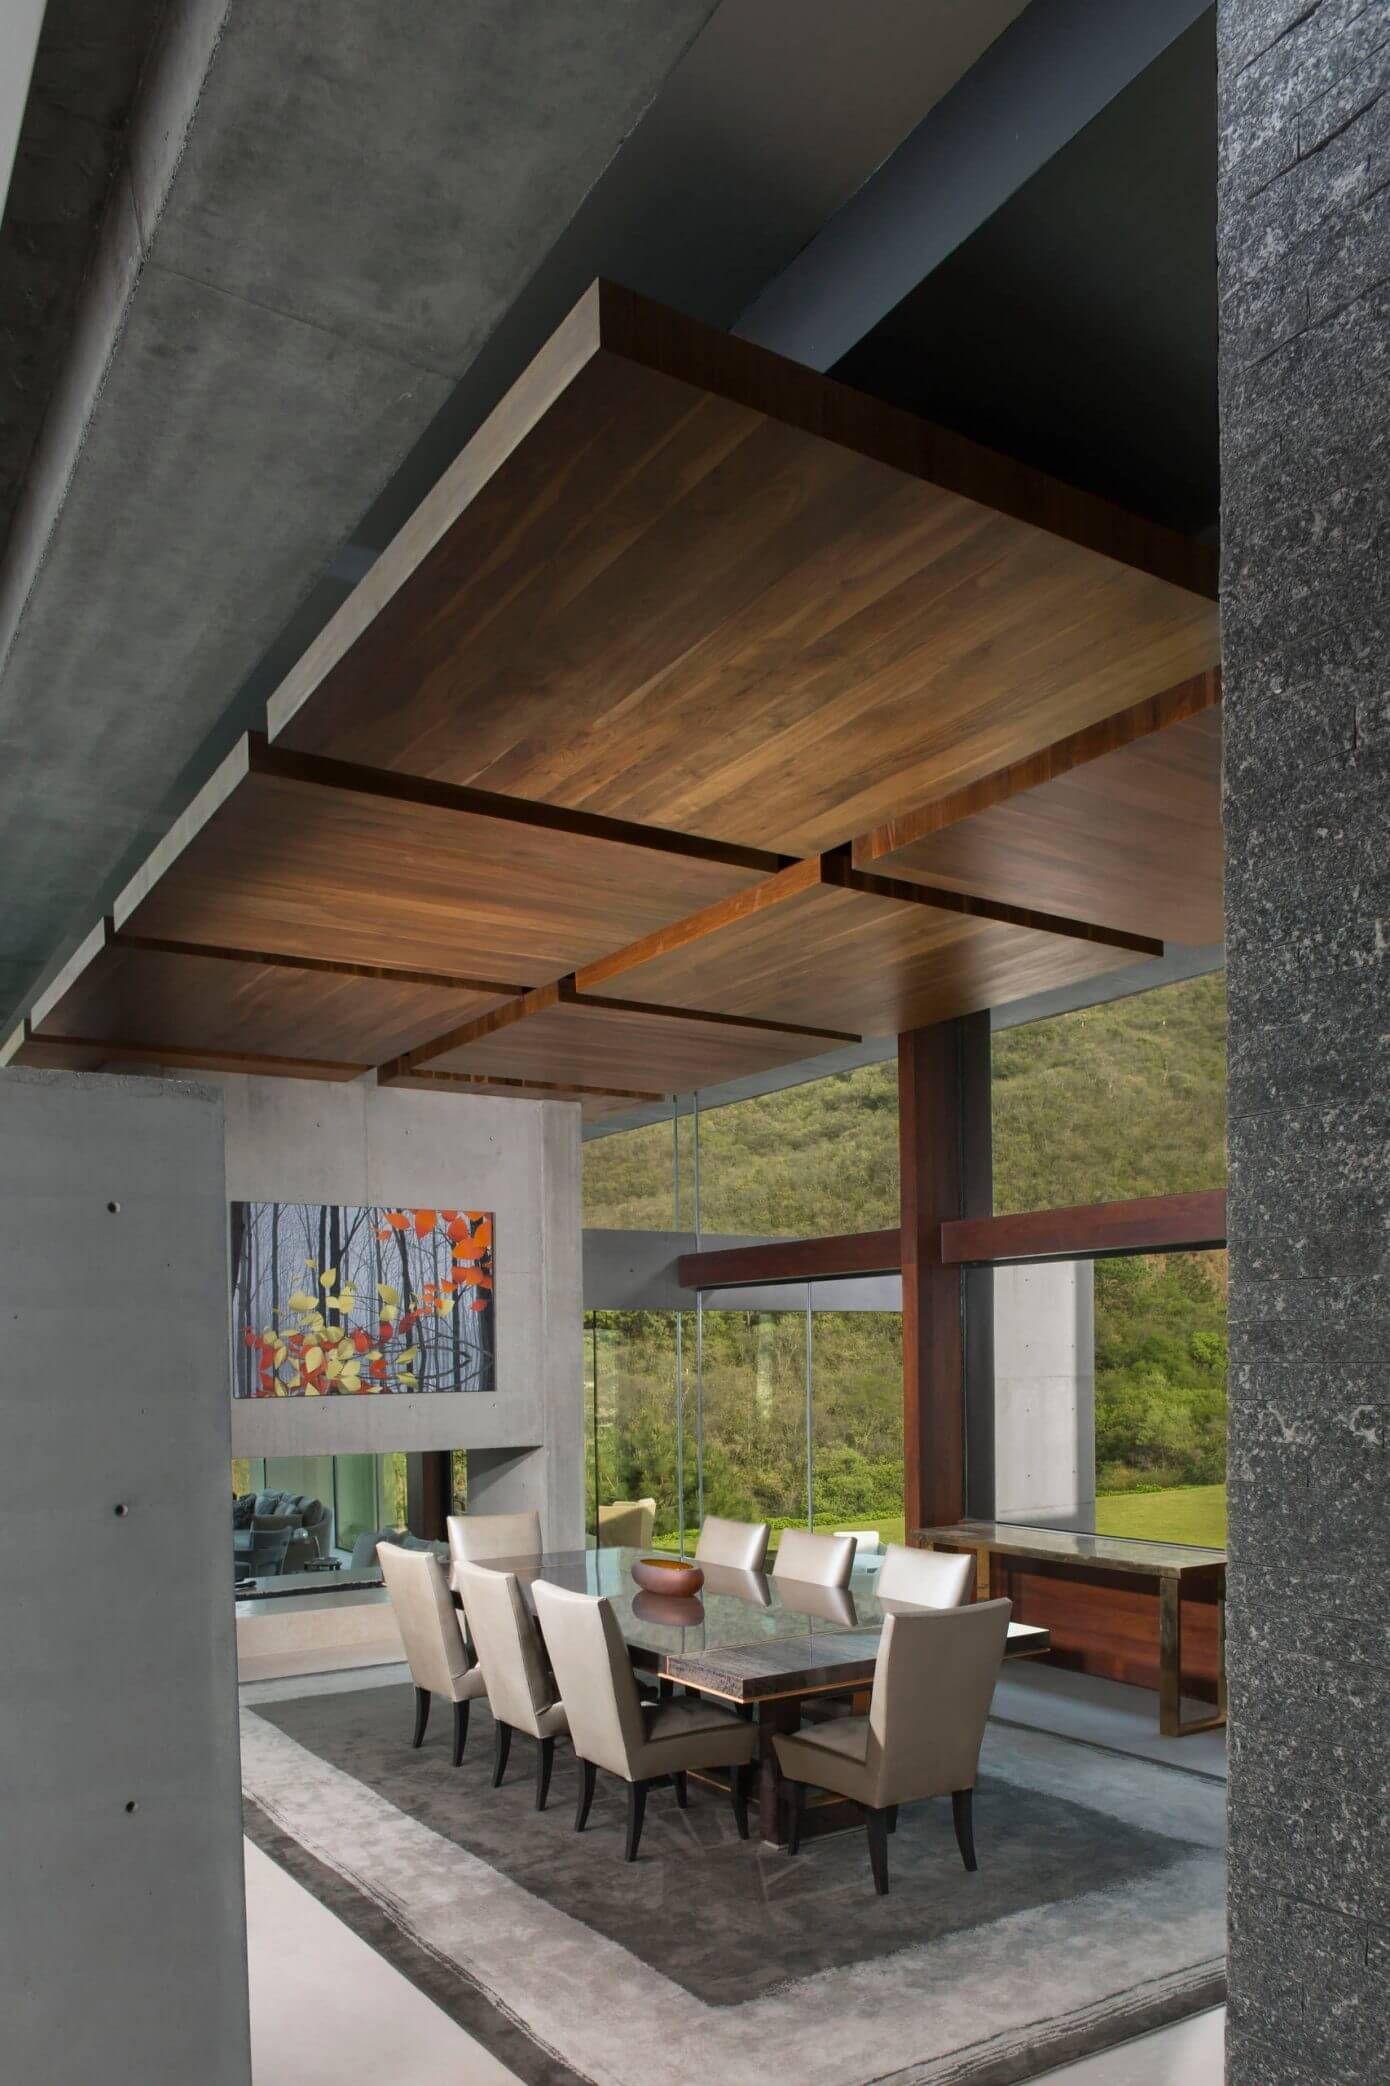 011-monterrey-modern-surber-barber-choate-hertlein-architects ...